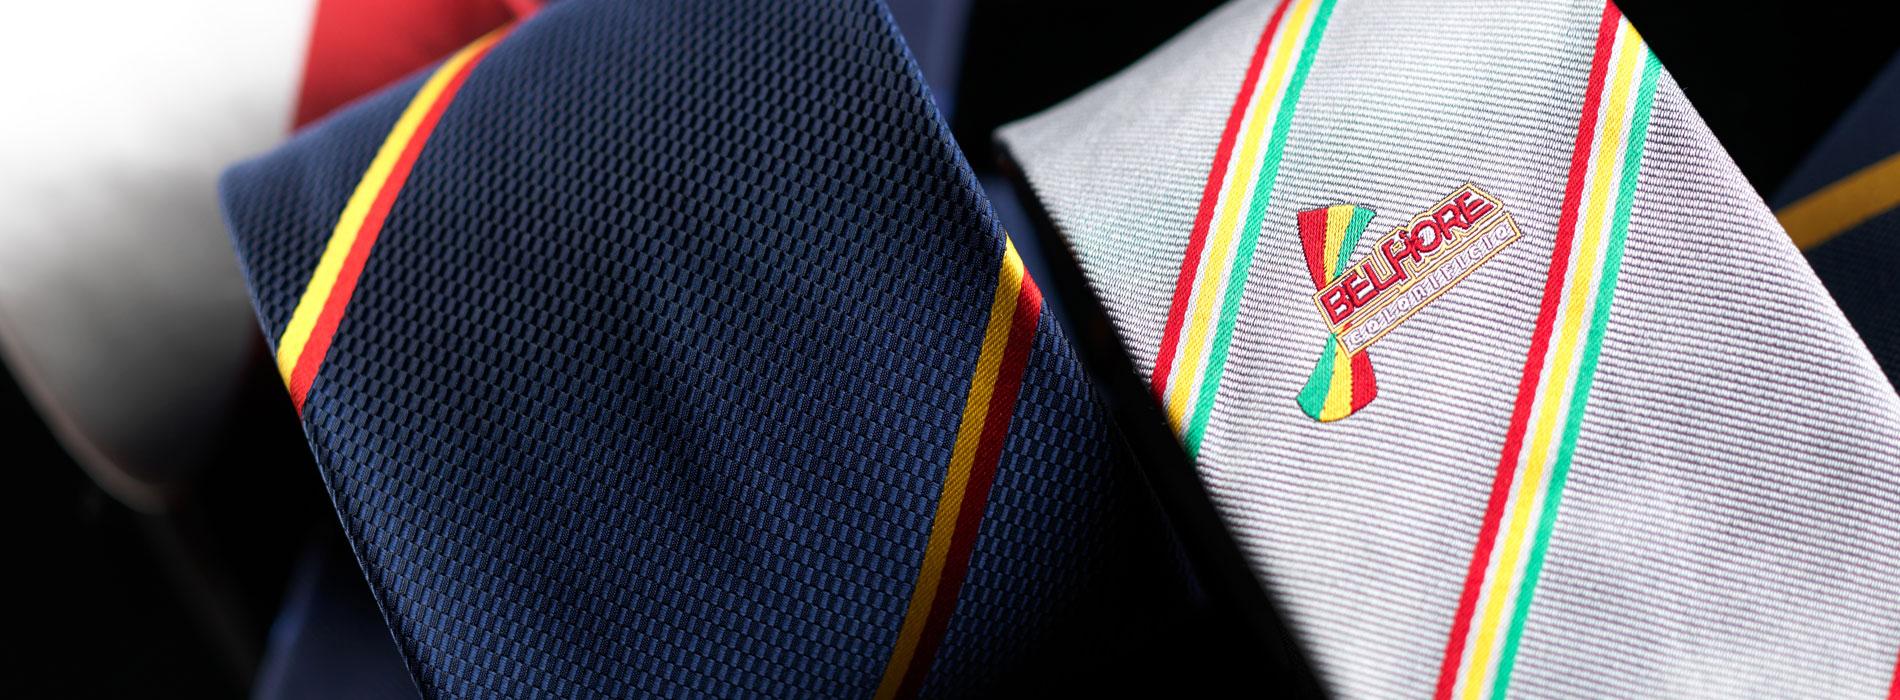 cravattificio-alba-cucitura-delle-fodere